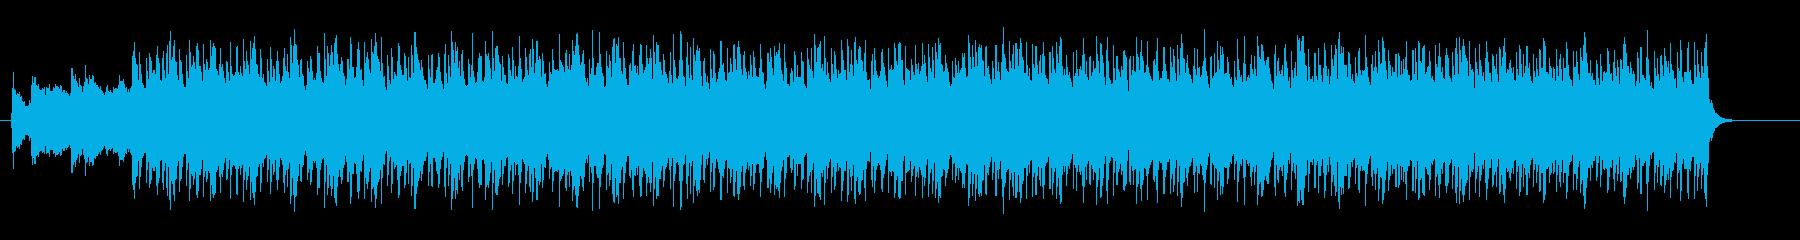 スコットランド的ガムラン風ワールド系の再生済みの波形